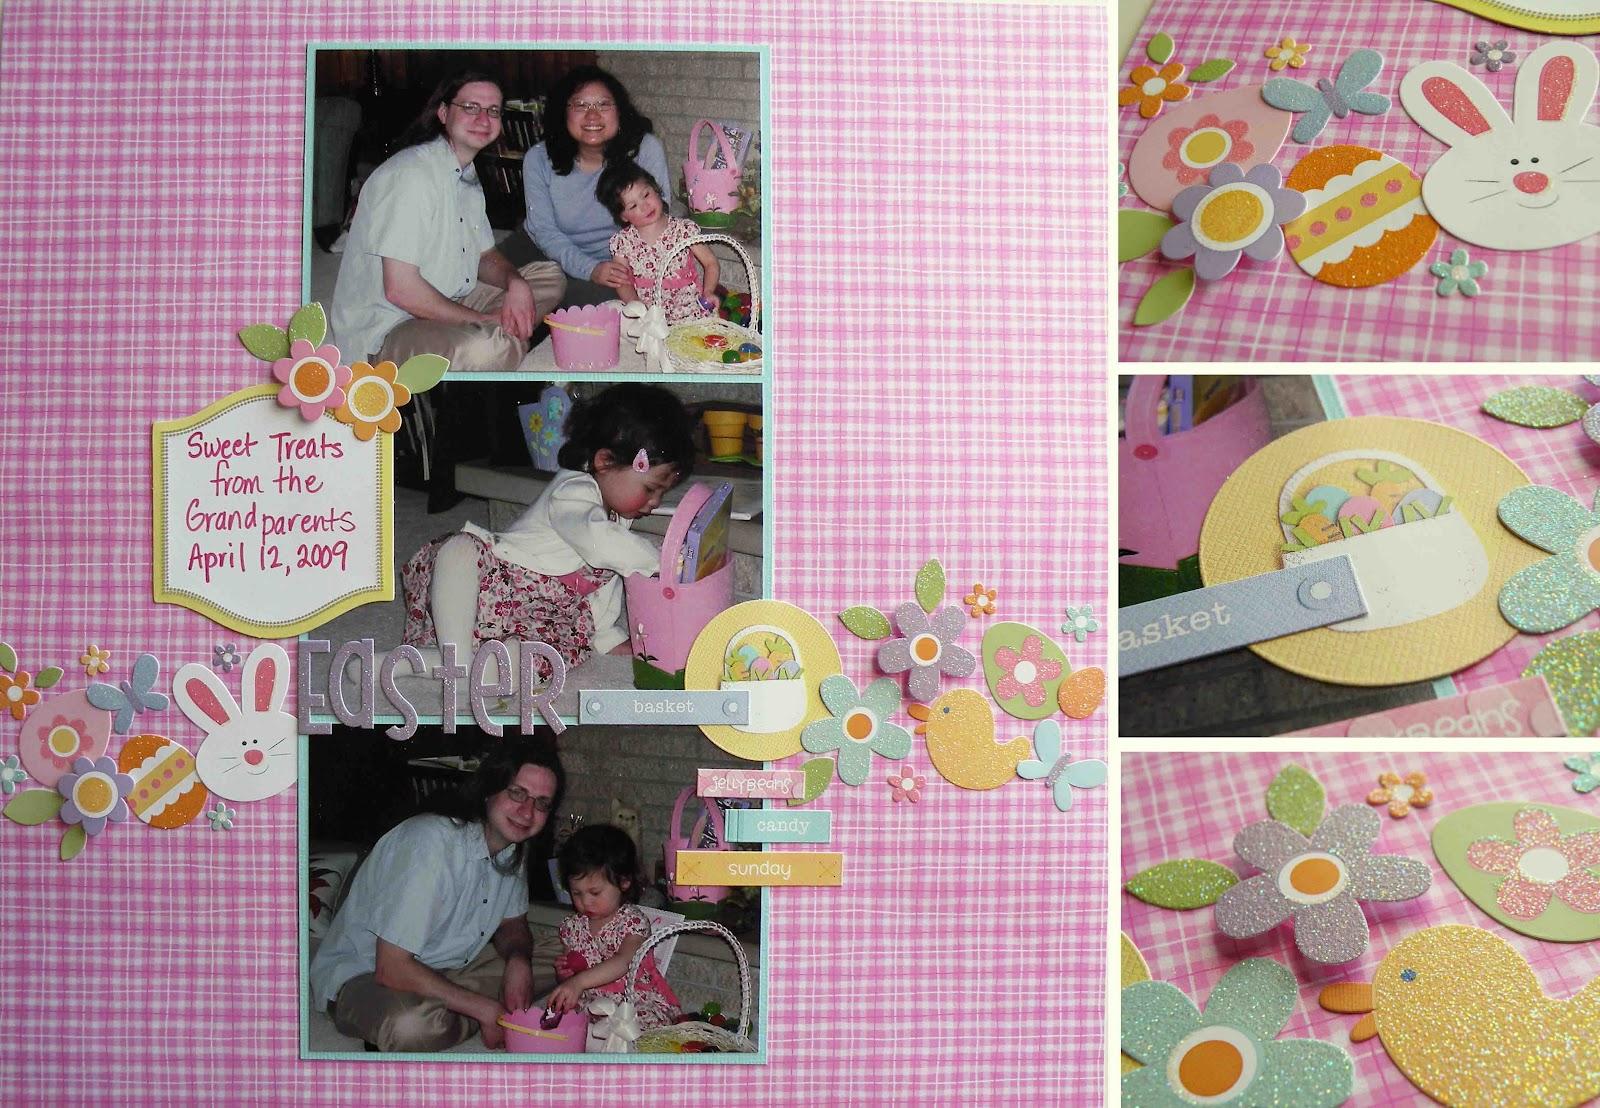 http://1.bp.blogspot.com/-4KRuf3Pkt0A/T2lO6UN6uTI/AAAAAAAAKIo/6vTf6_T9TkM/s1600/Easter%2BTreats.jpg